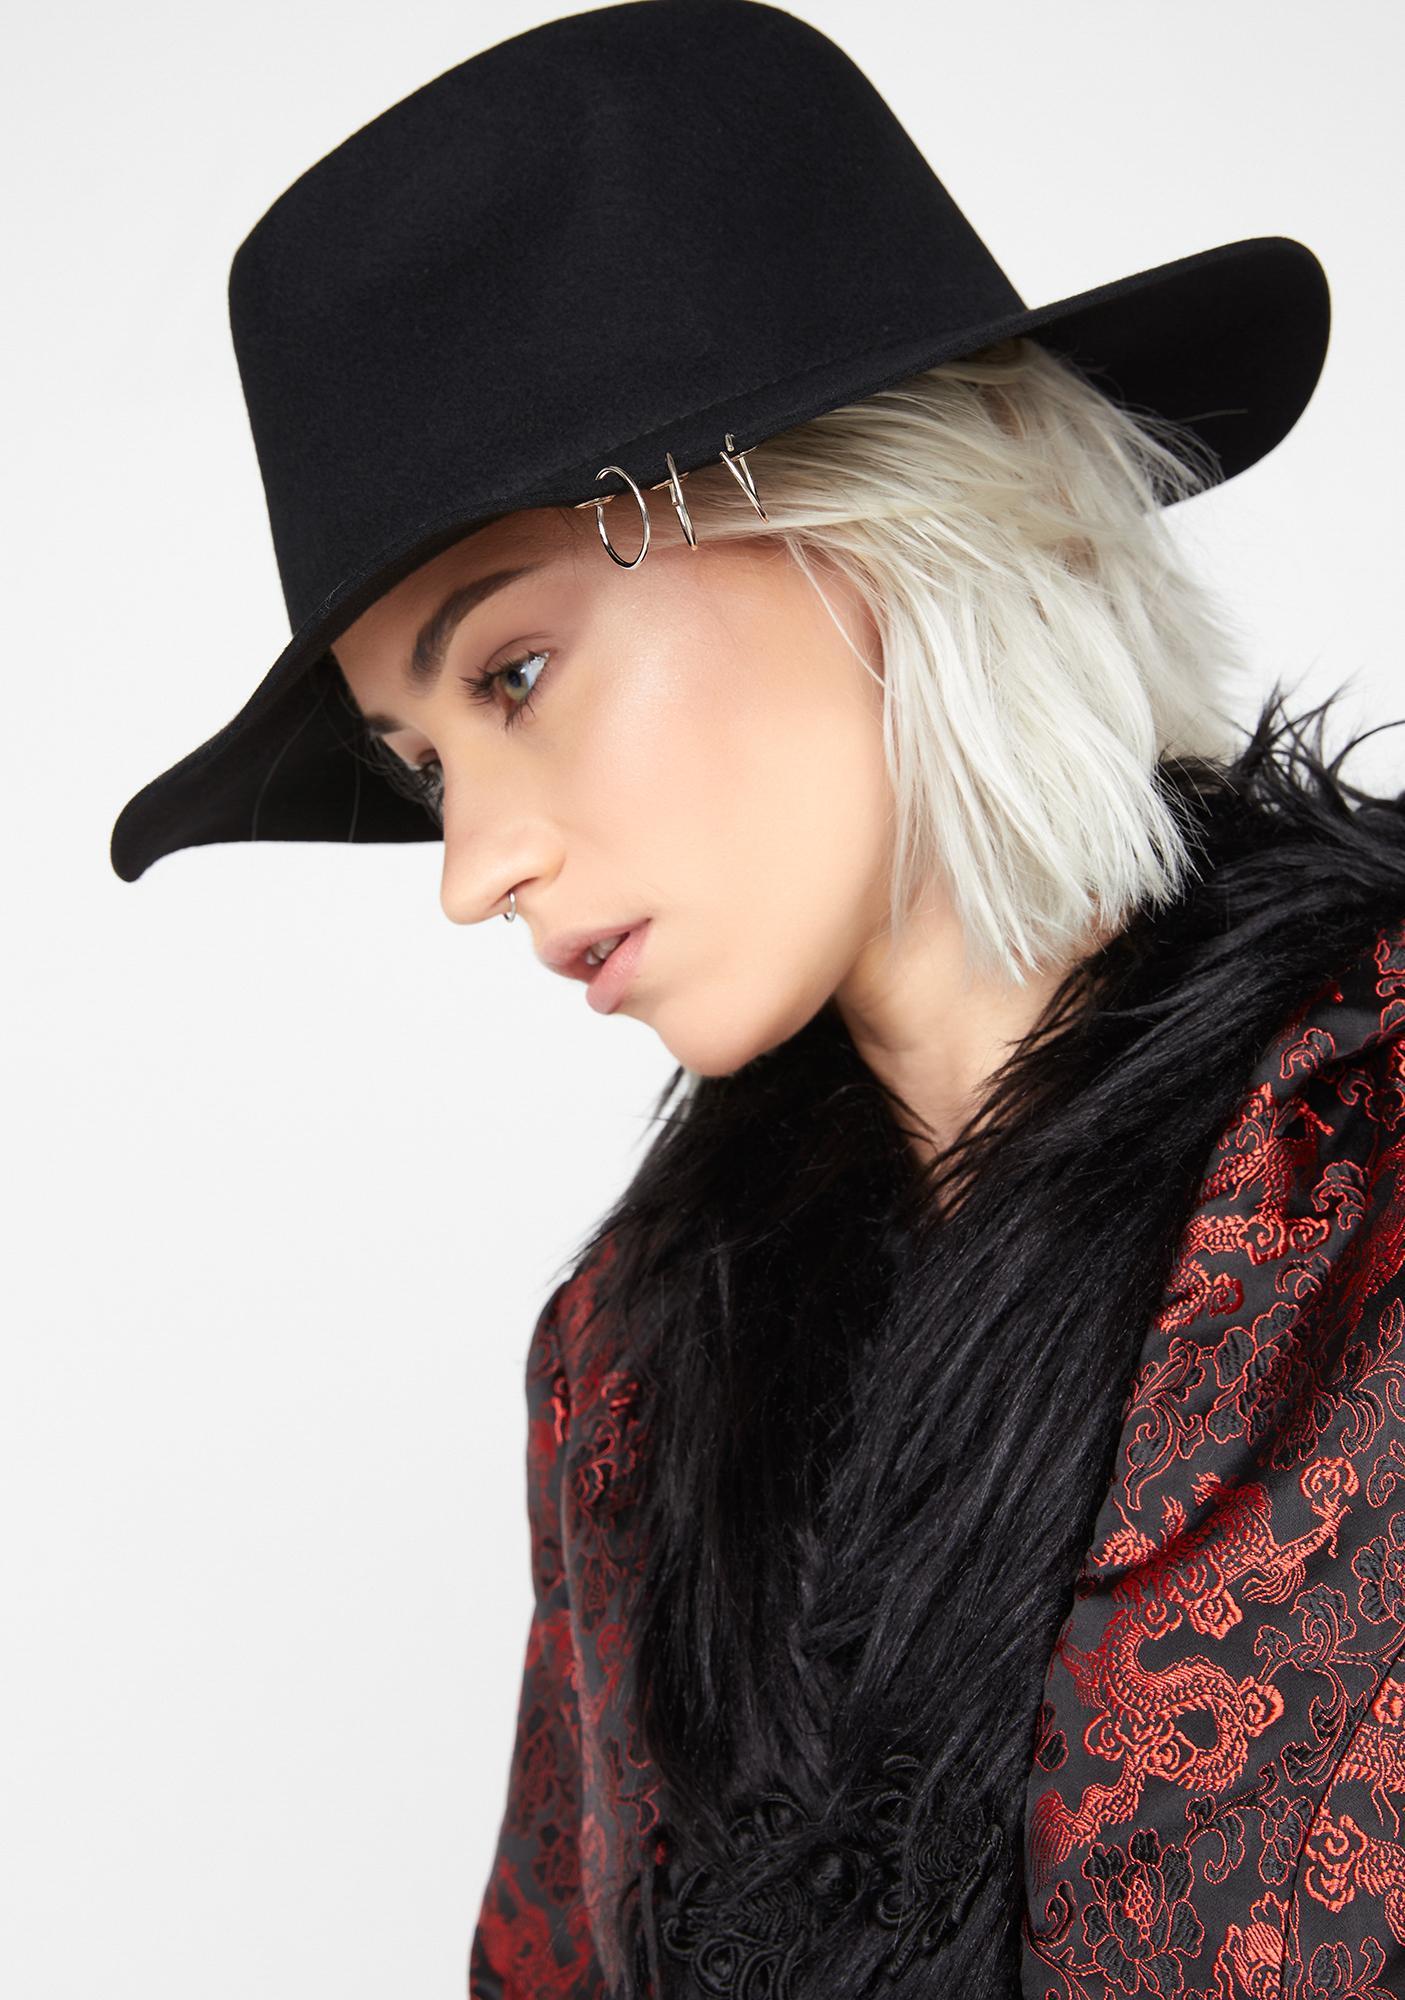 Noir Pierced Heart Wide Brim Hat